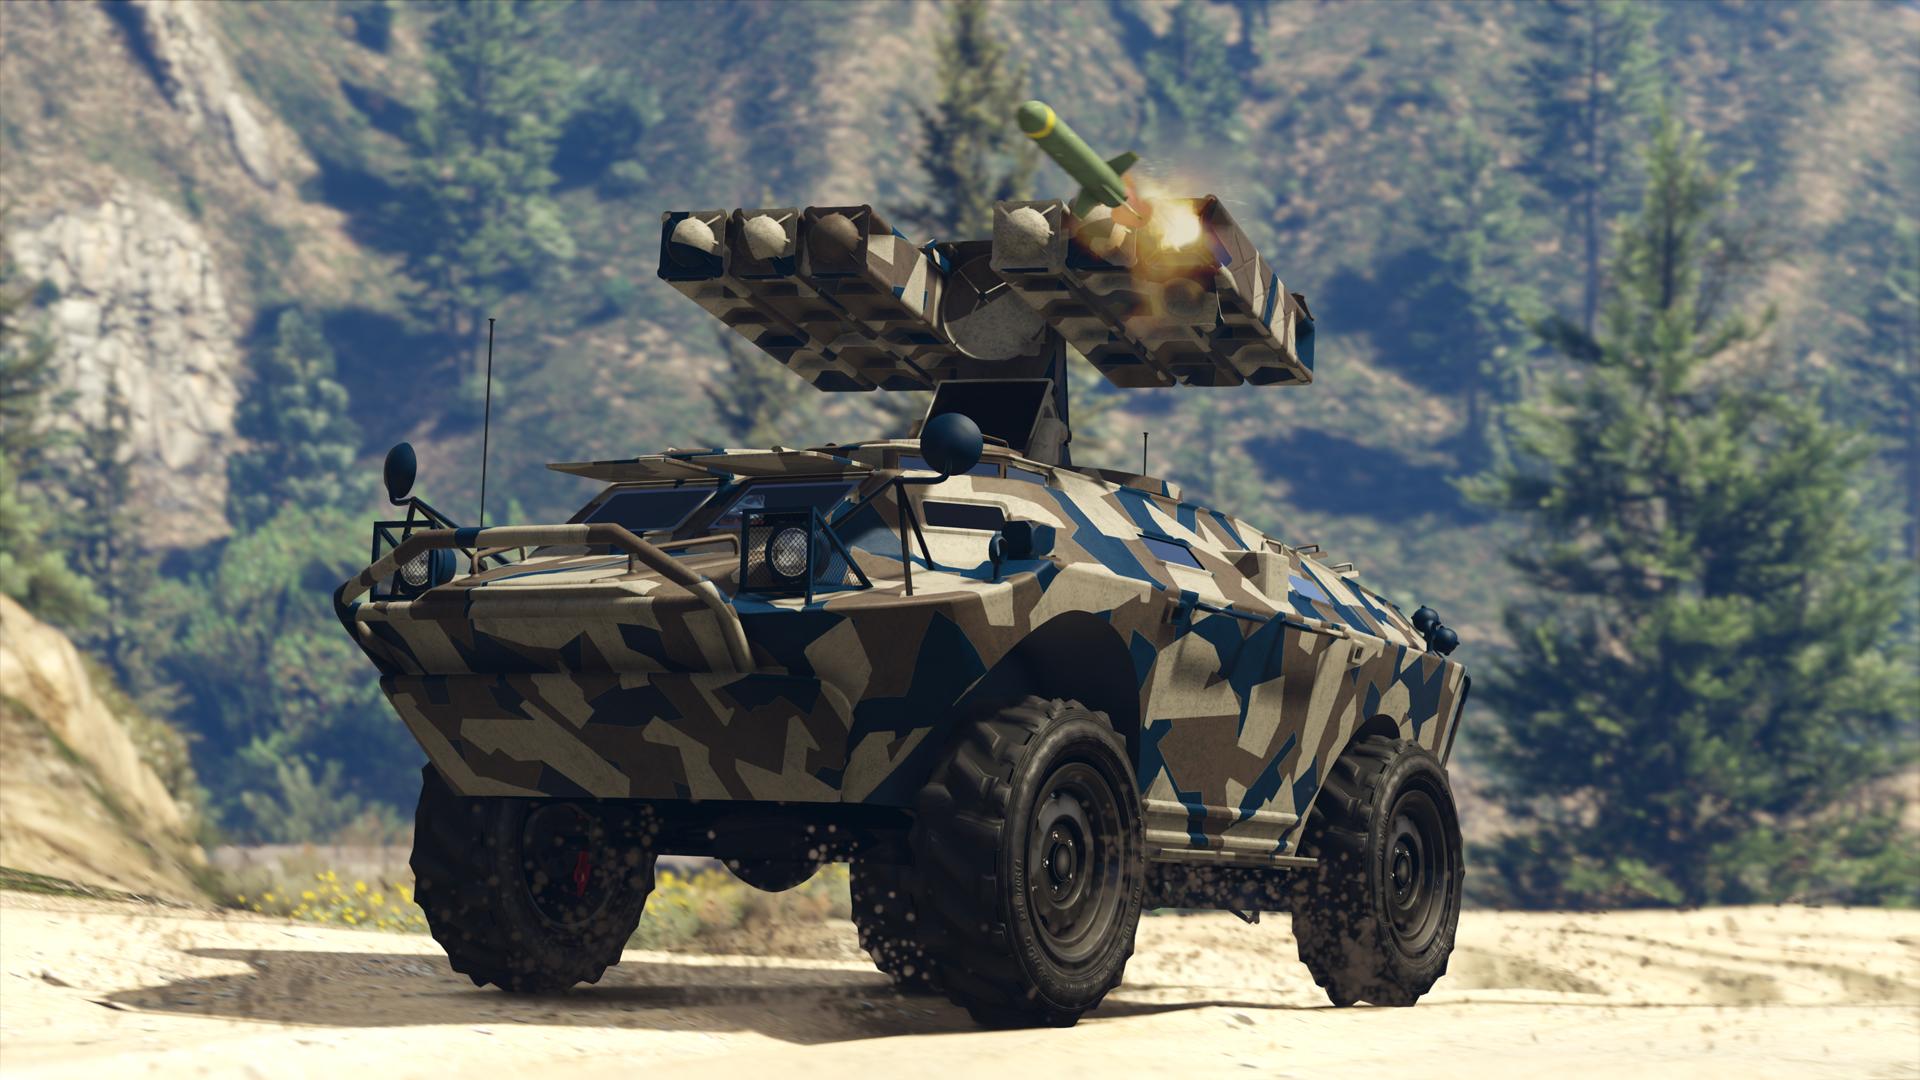 Aktualizace Gunrunning přidá do GTA Online obojživelná obrněná vozidla a podzemní základny 144784